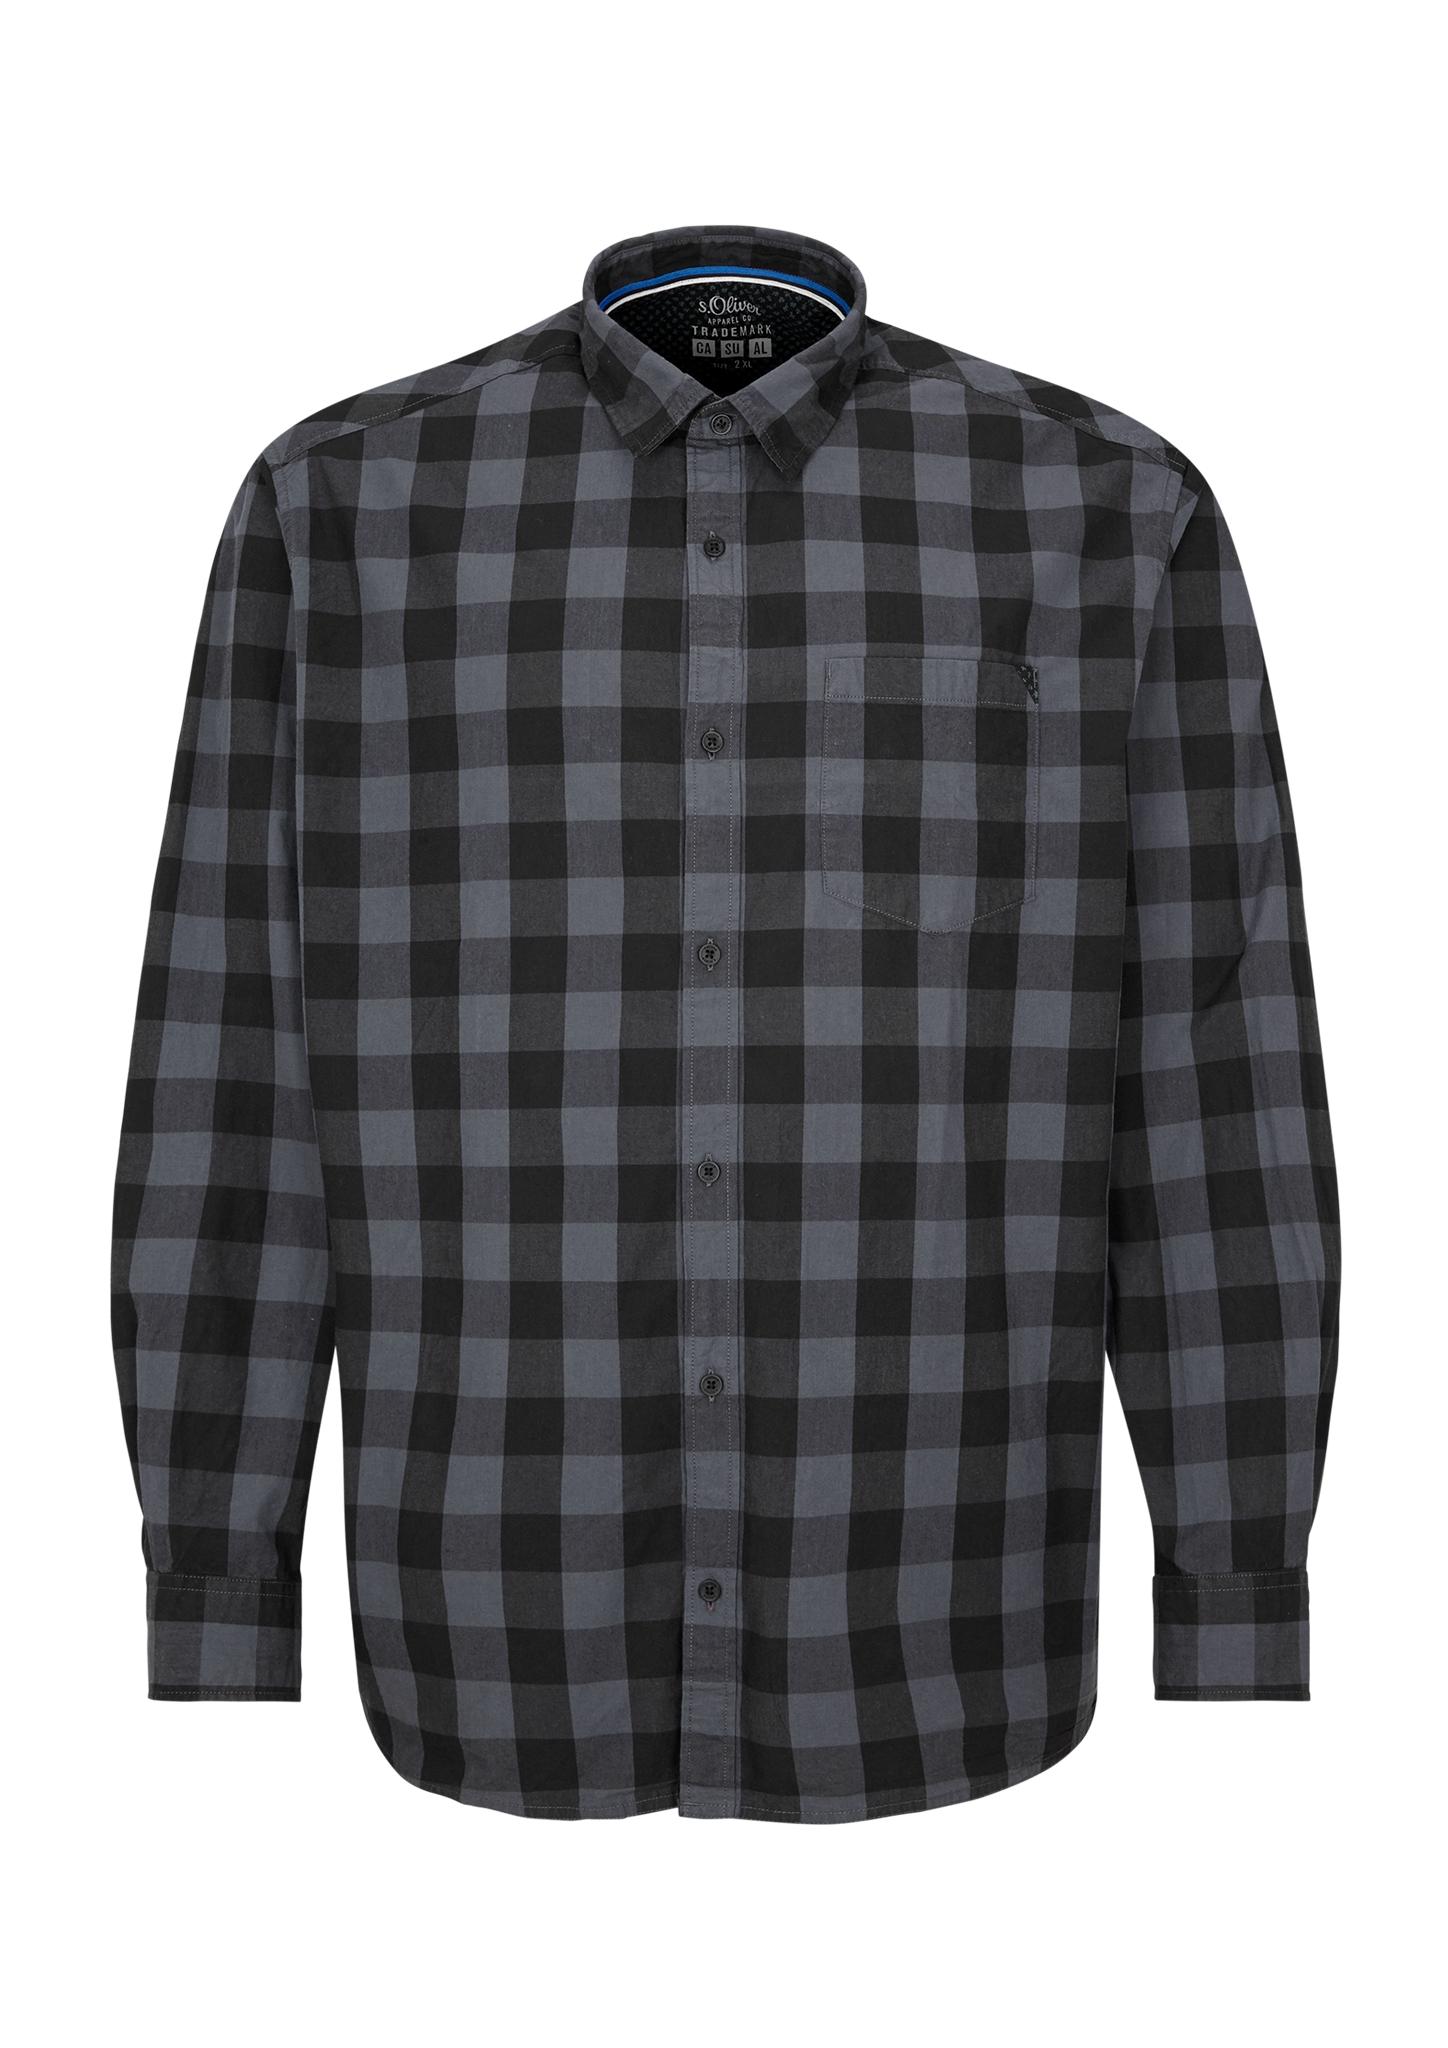 Karohemd | Bekleidung | Grau/schwarz | 100% baumwolle | s.Oliver Men Big Sizes